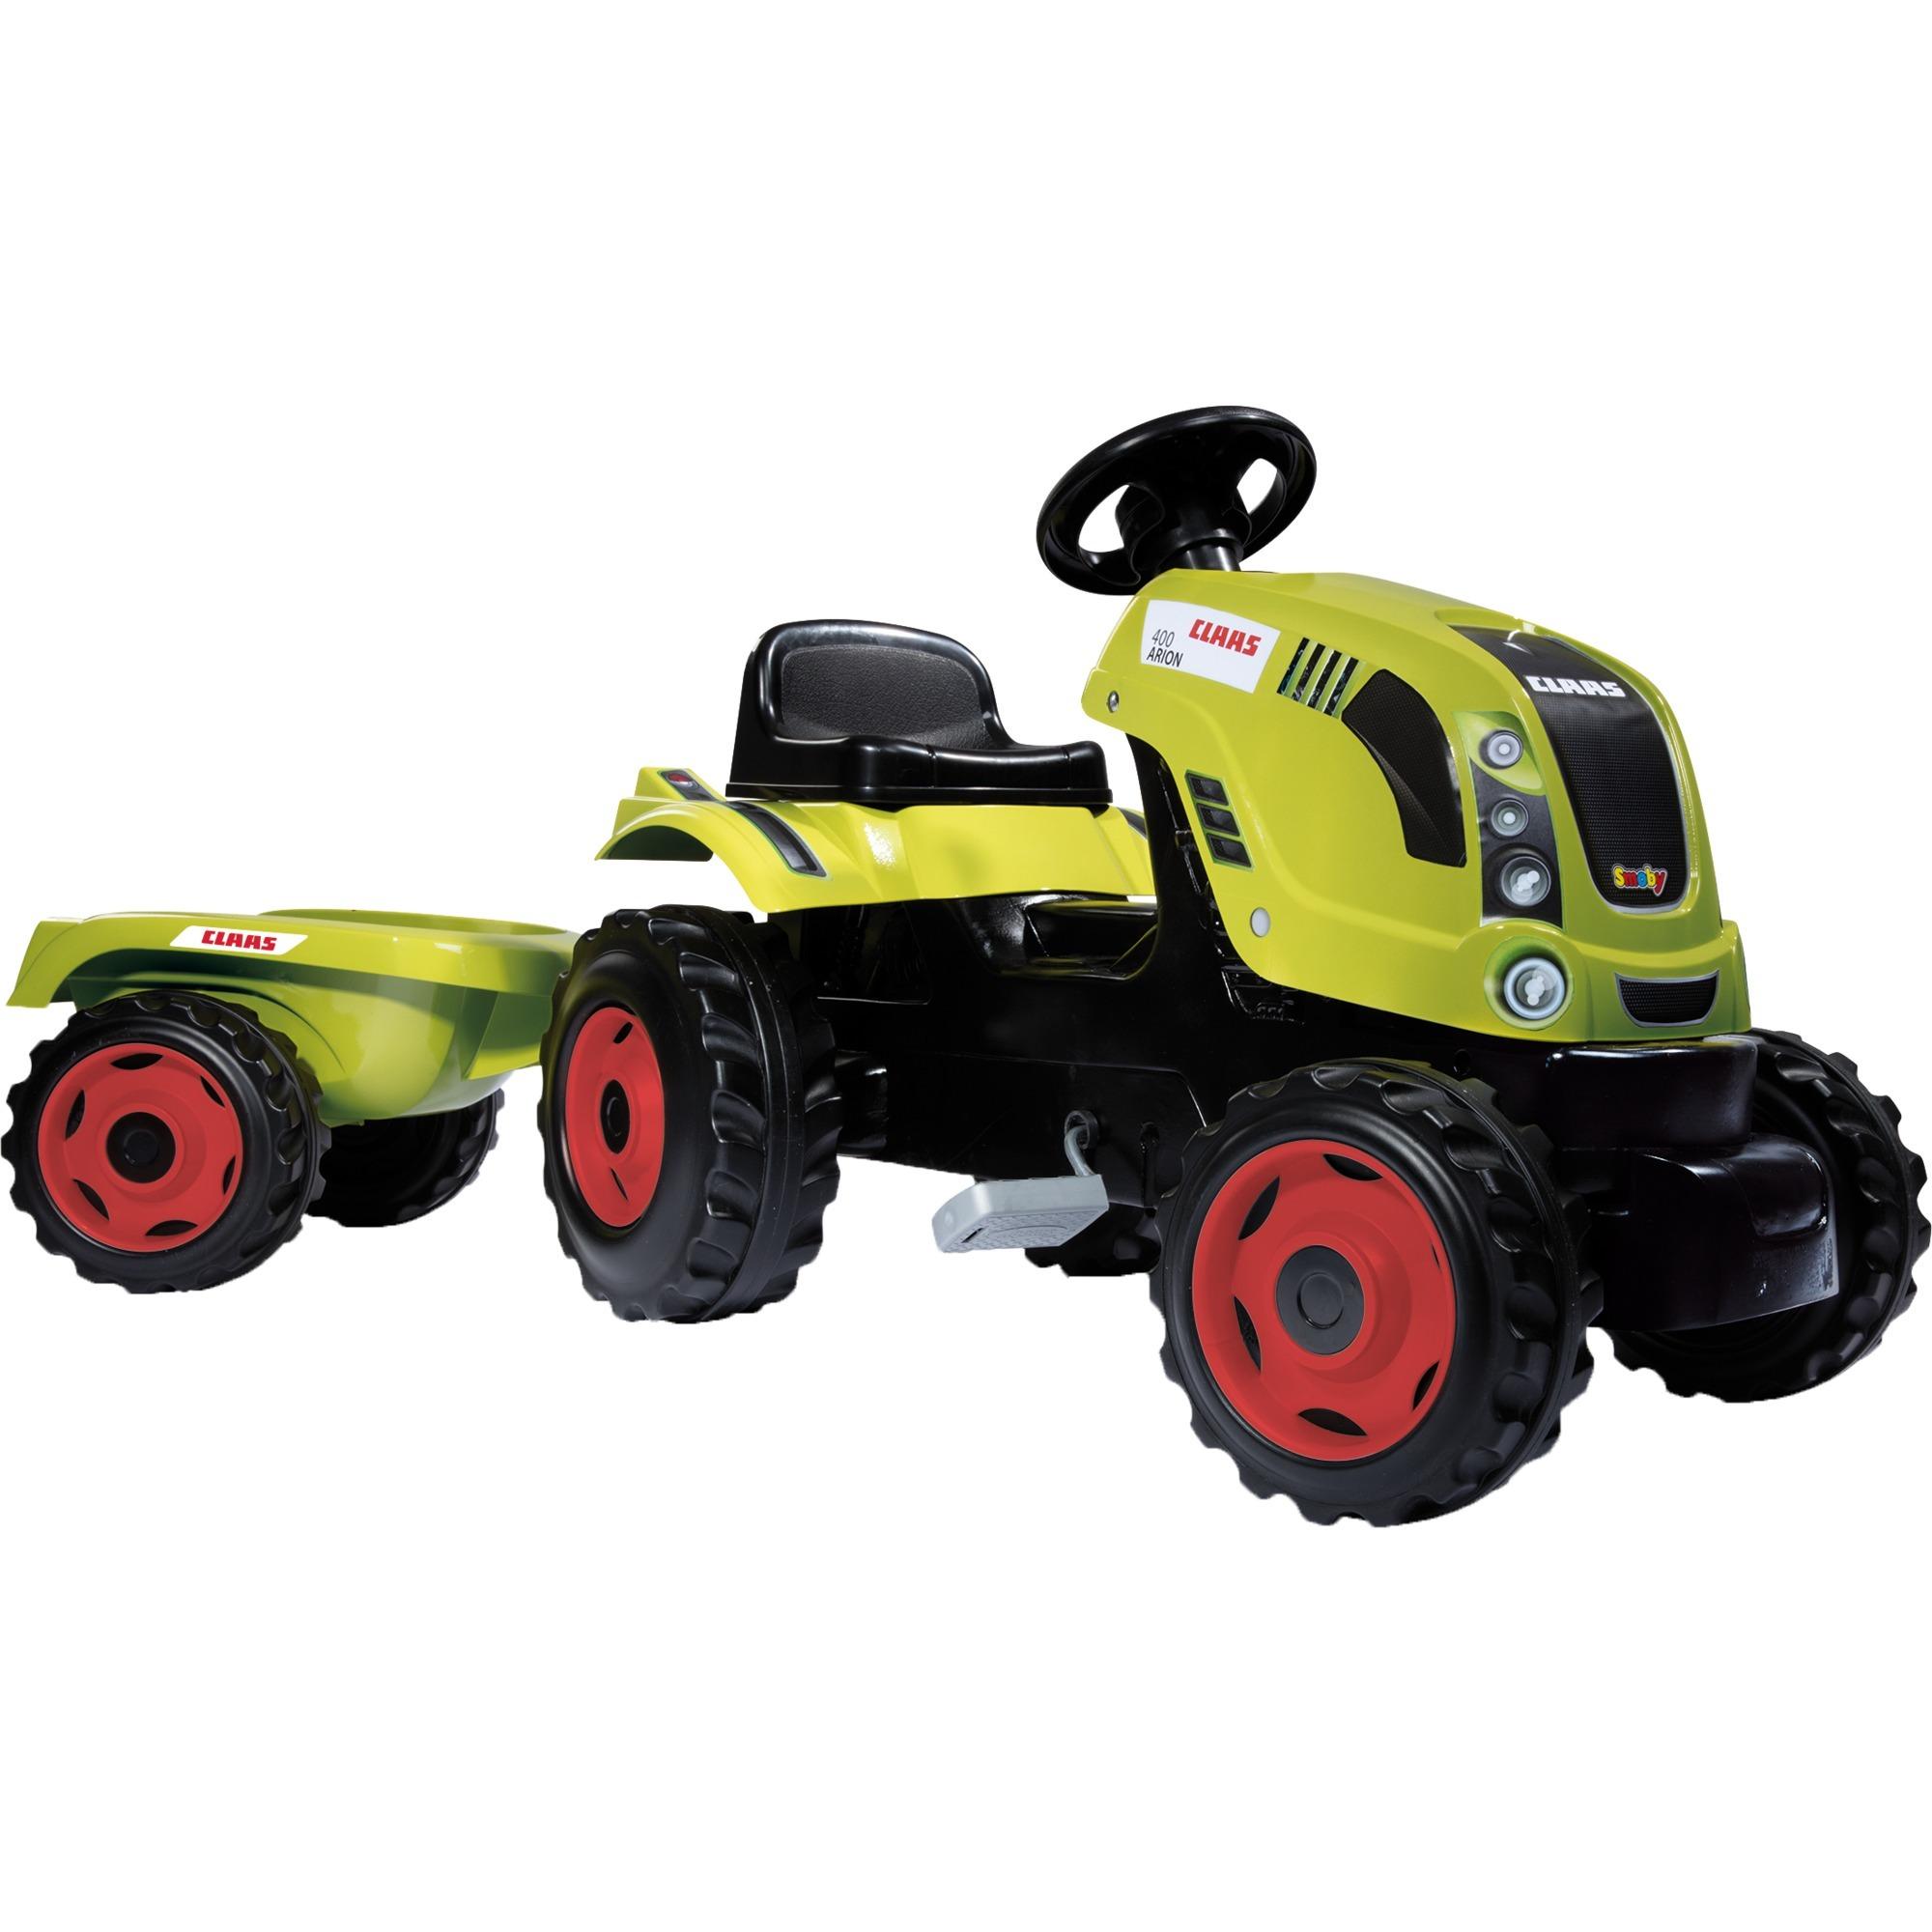 710114 Pedal Coche juguete de montar, Automóvil de juguete